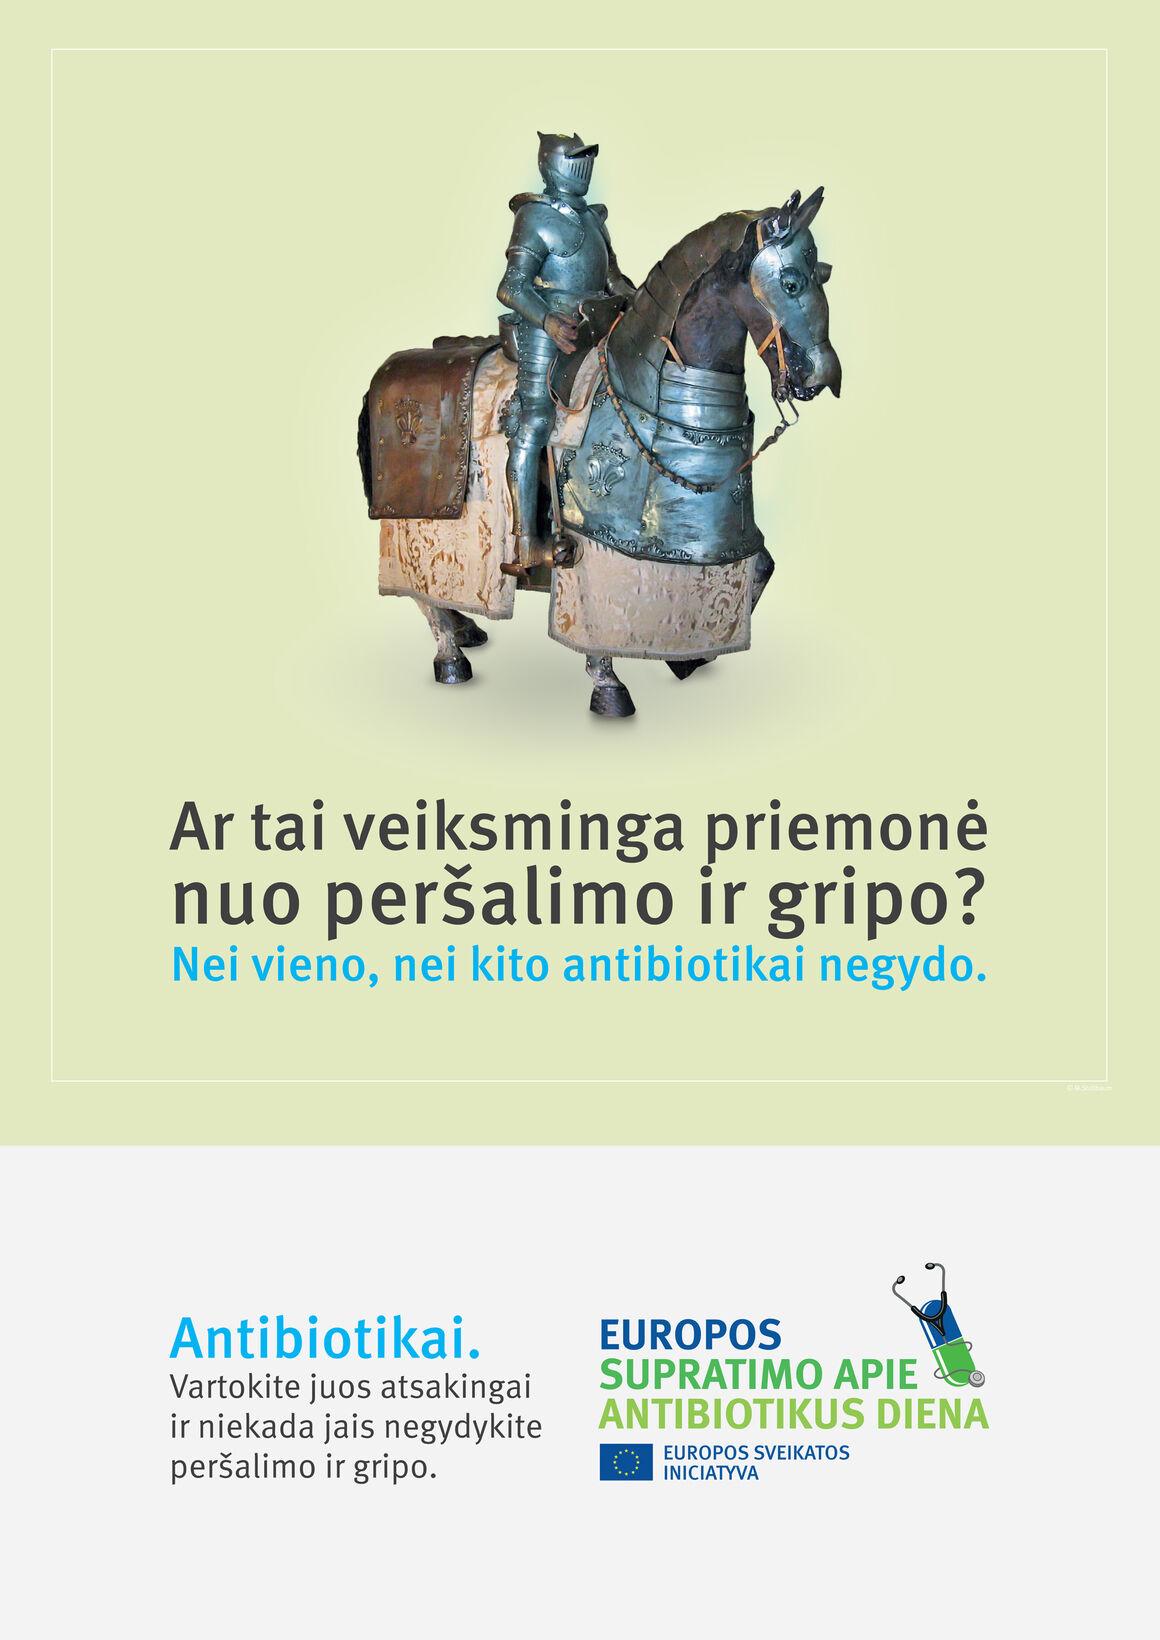 Plakatai: Ar tai veiksminga priemonė nuo peršalimo ir gripo? Nei vieno, nei kito antibiotikai negydo.